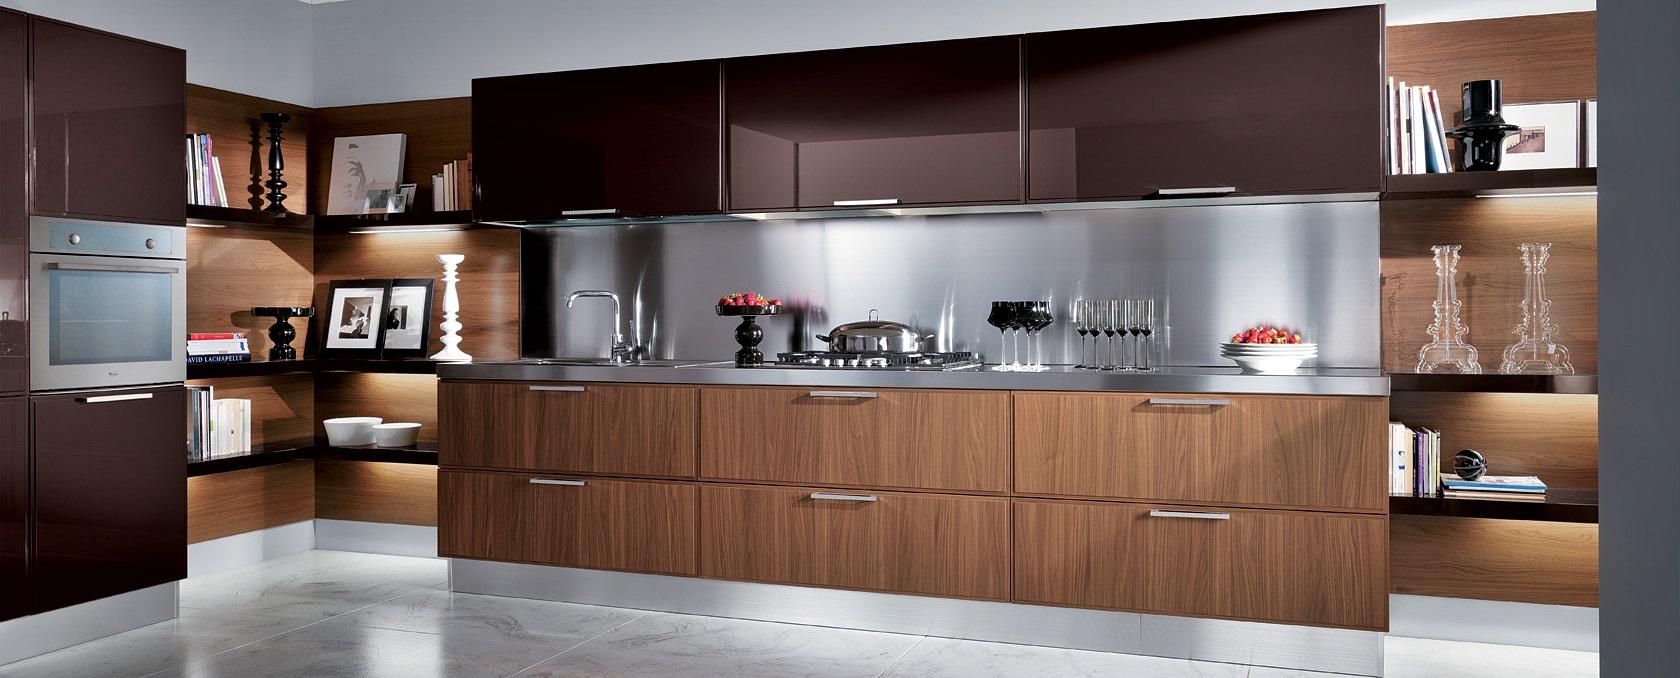 Home montaggio mobili catania siracusa ragusa messina enna caltanissetta agrigento palermo sicilia - Montaggio mobili cucina ...